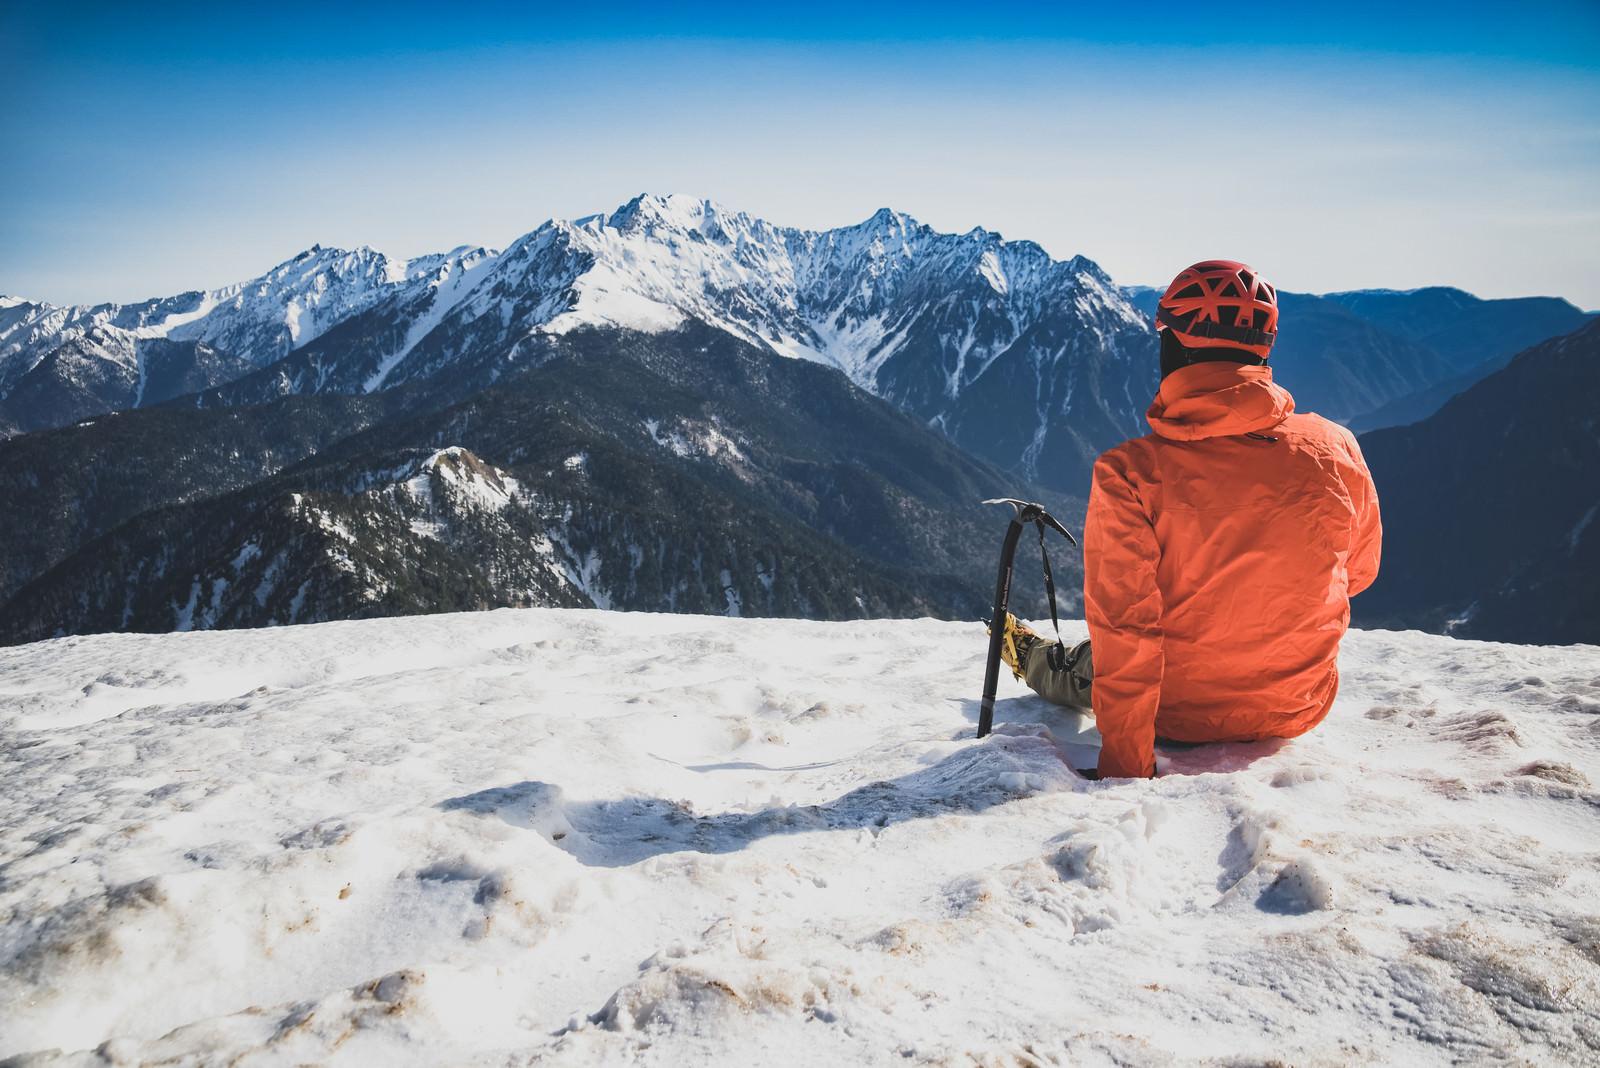 「穂高岳に思いを馳せる休憩中の登山者」の写真